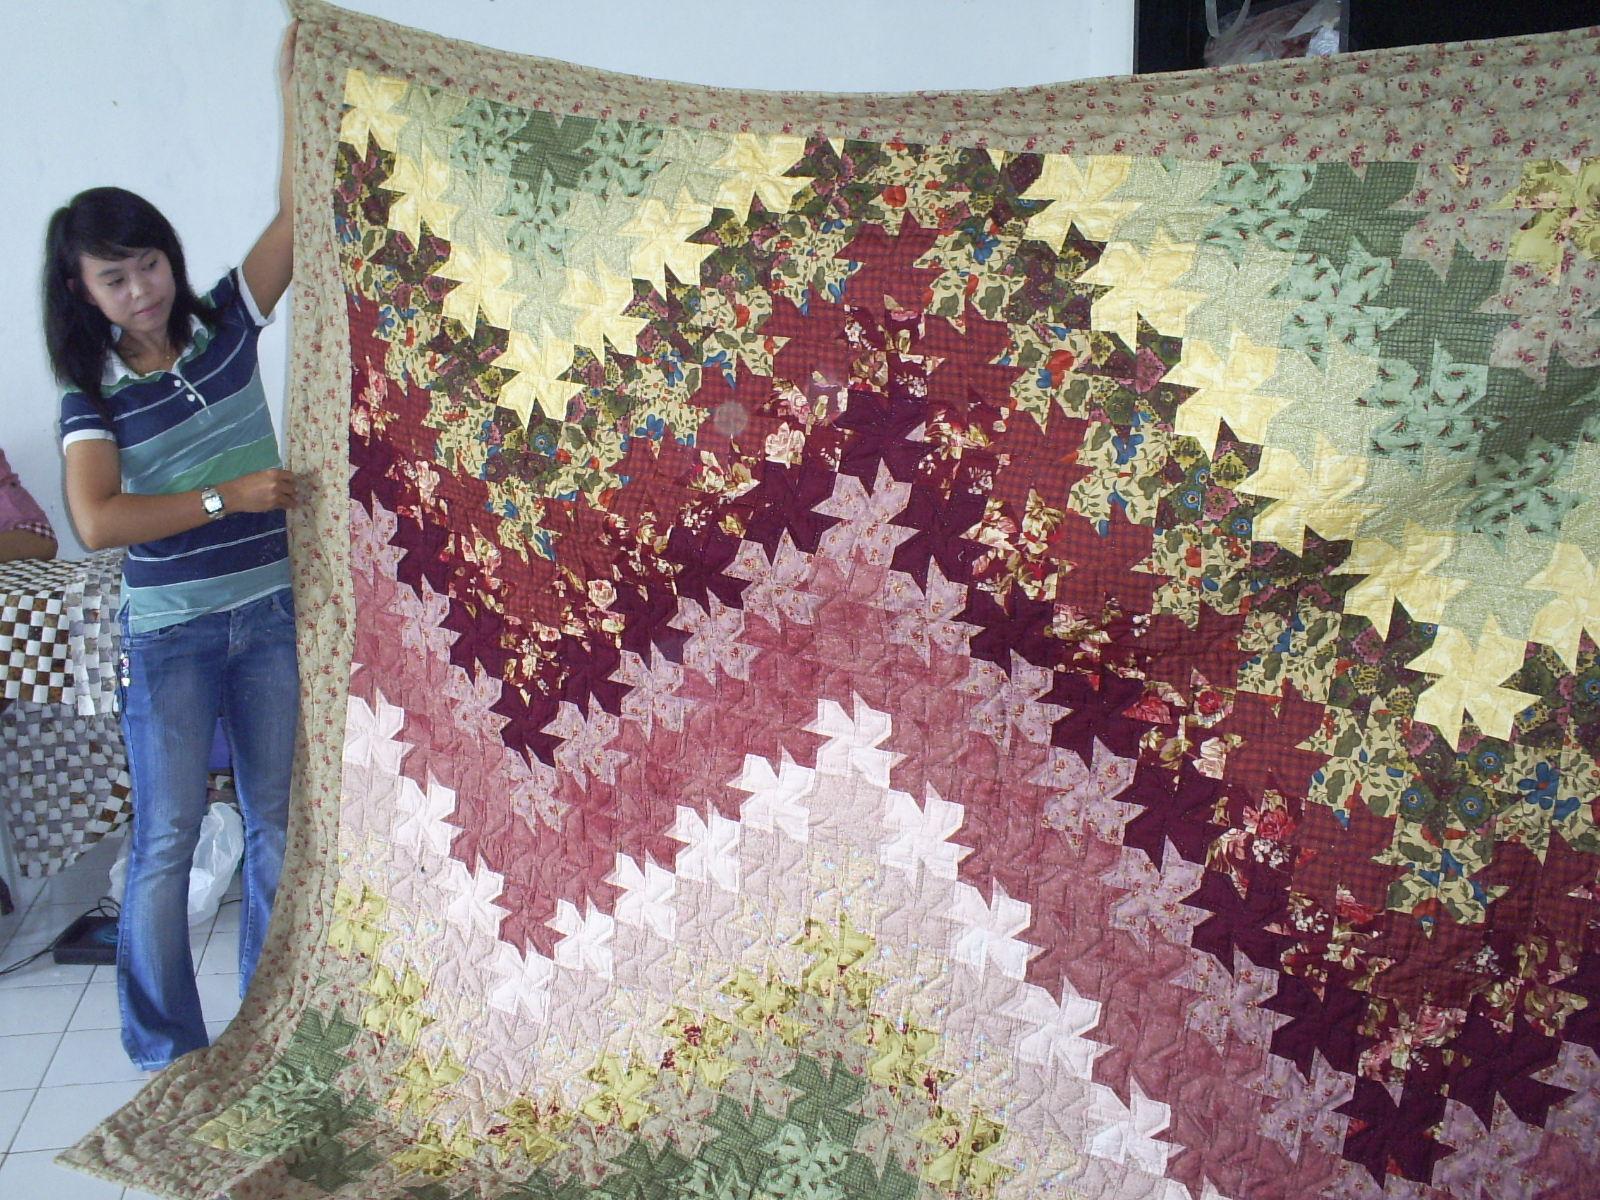 kemandirian serta menjadi yang terbaik dibidang kerajinan kain perca